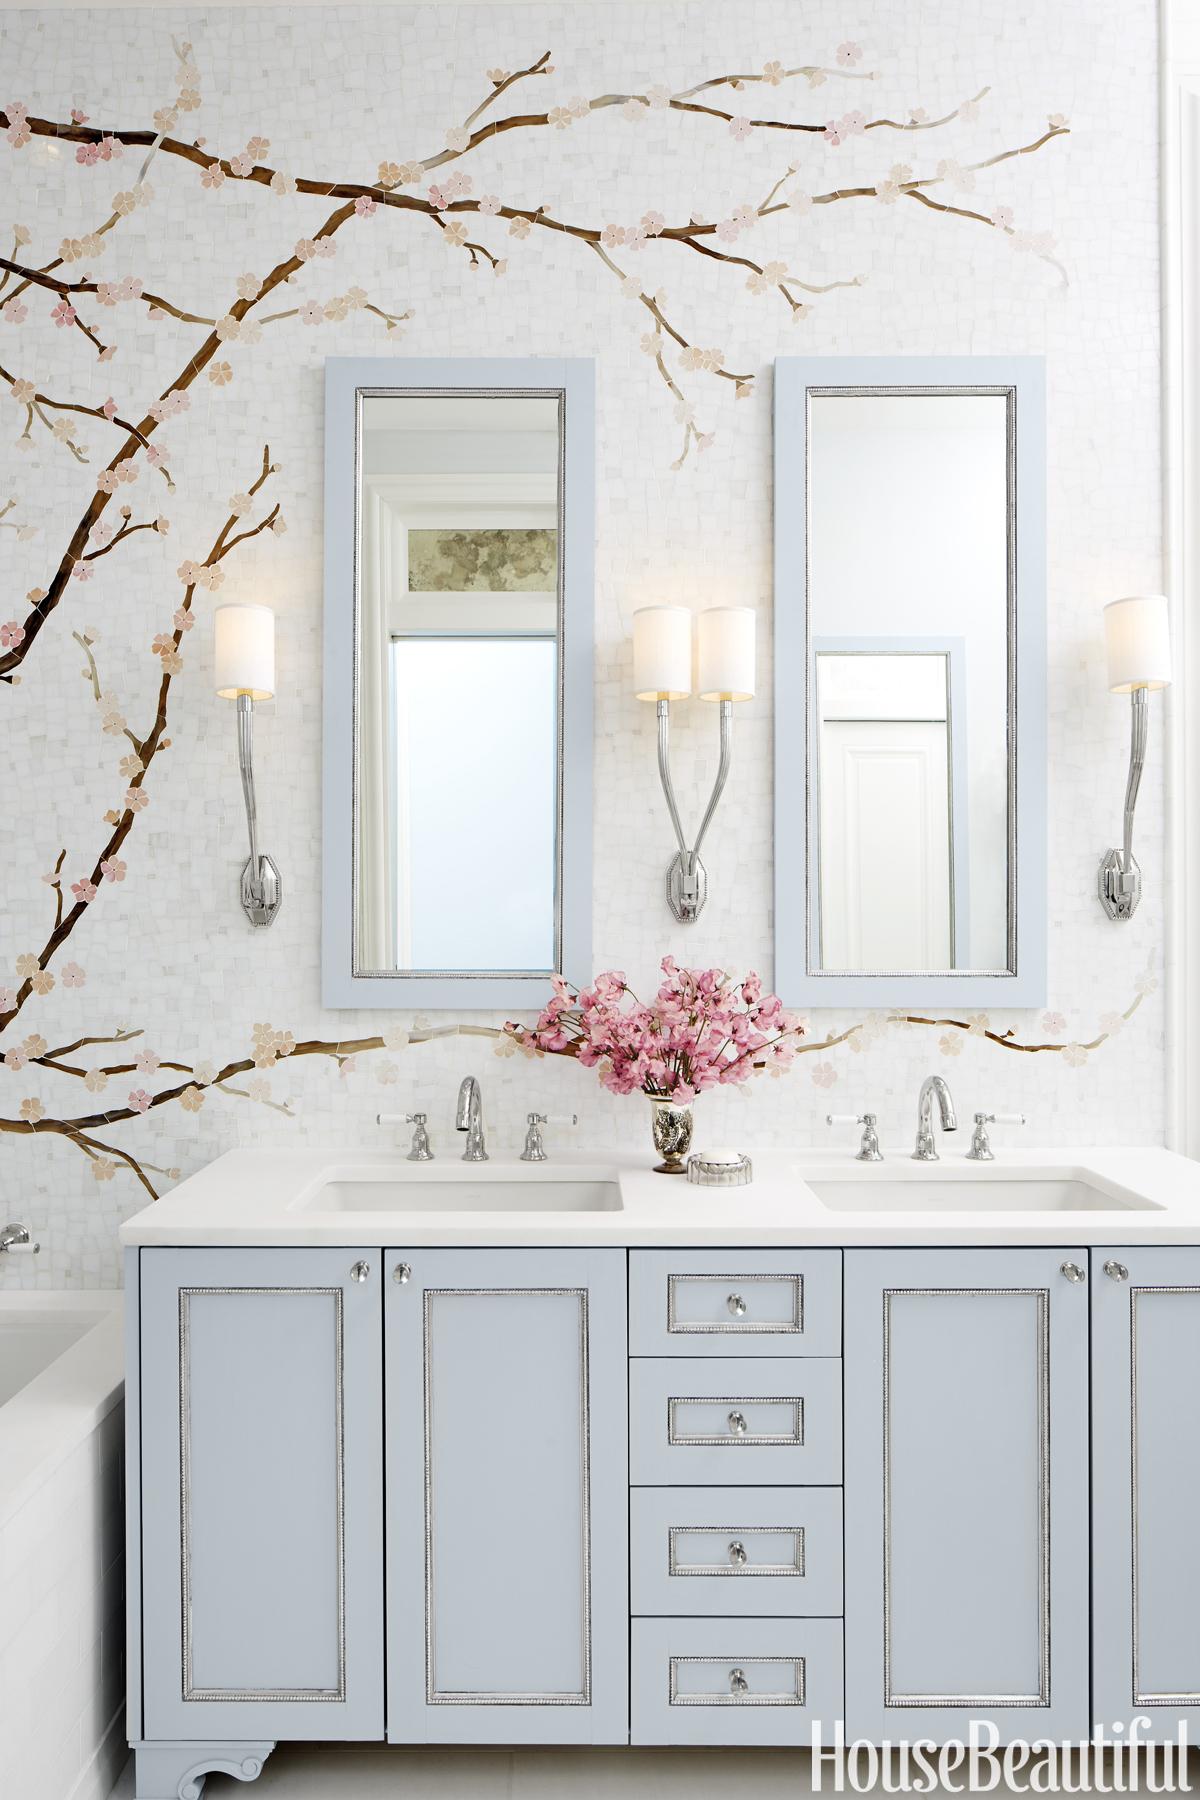 Mural Bathroom Cherry Blossom Tile Mural